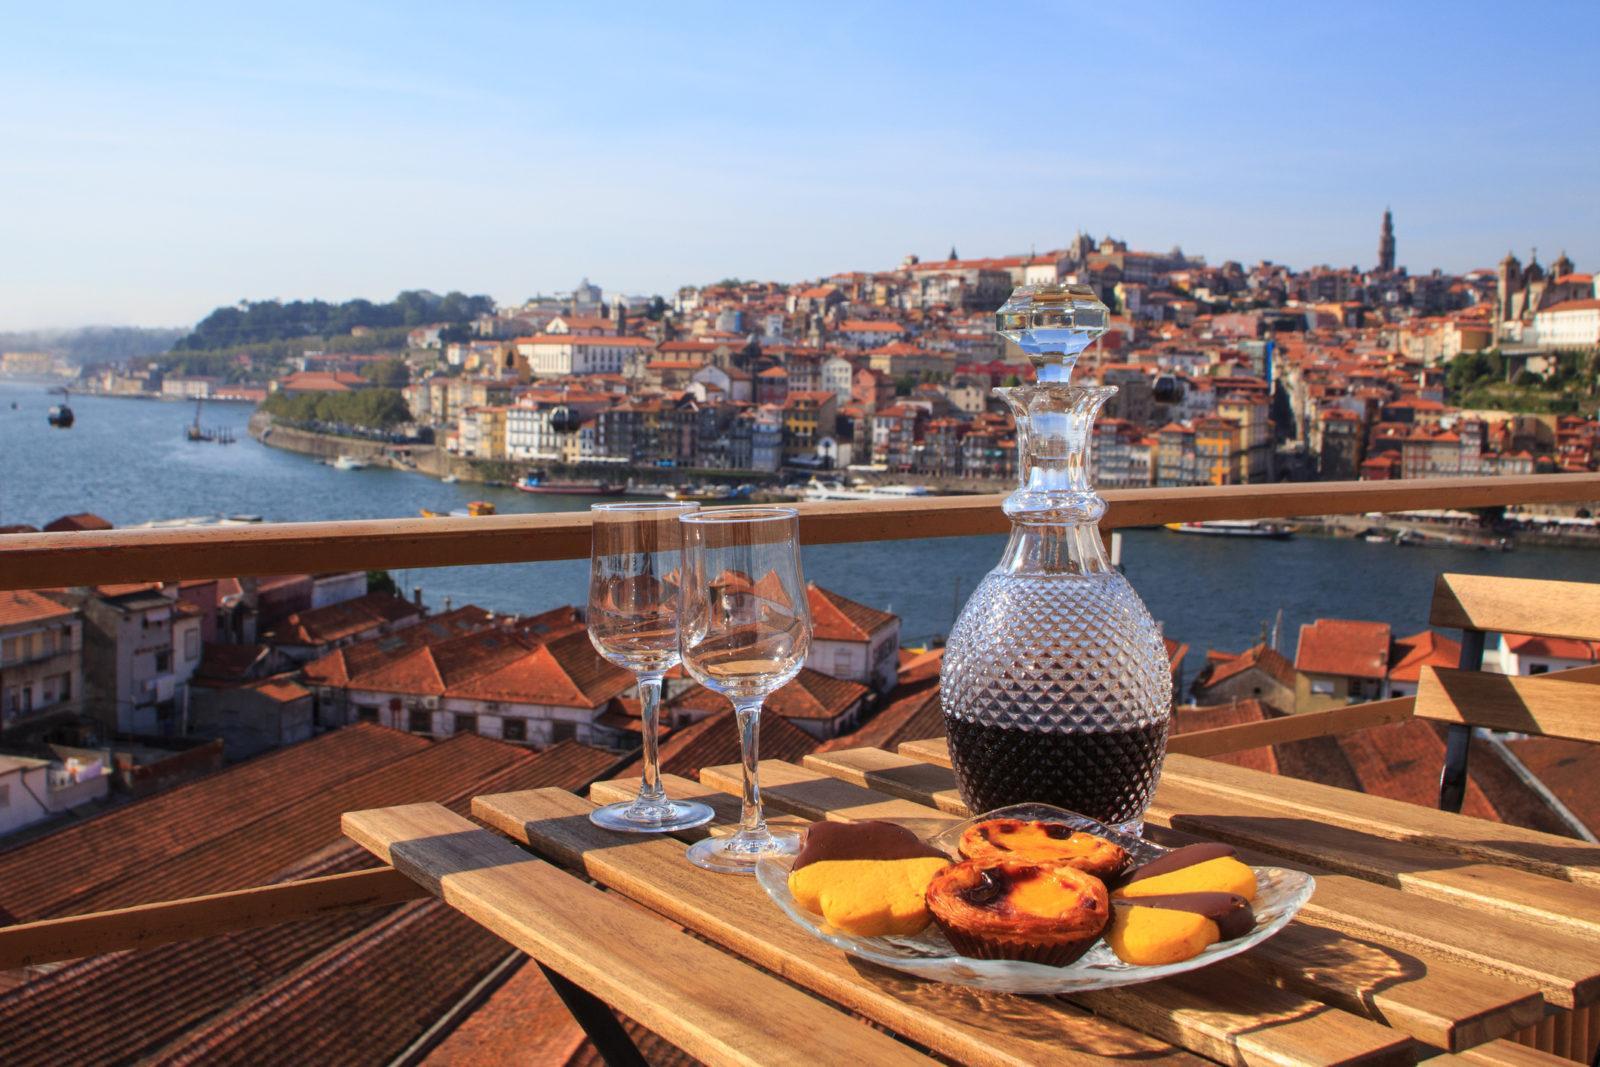 מה אפשר לאכול בפורטוגל